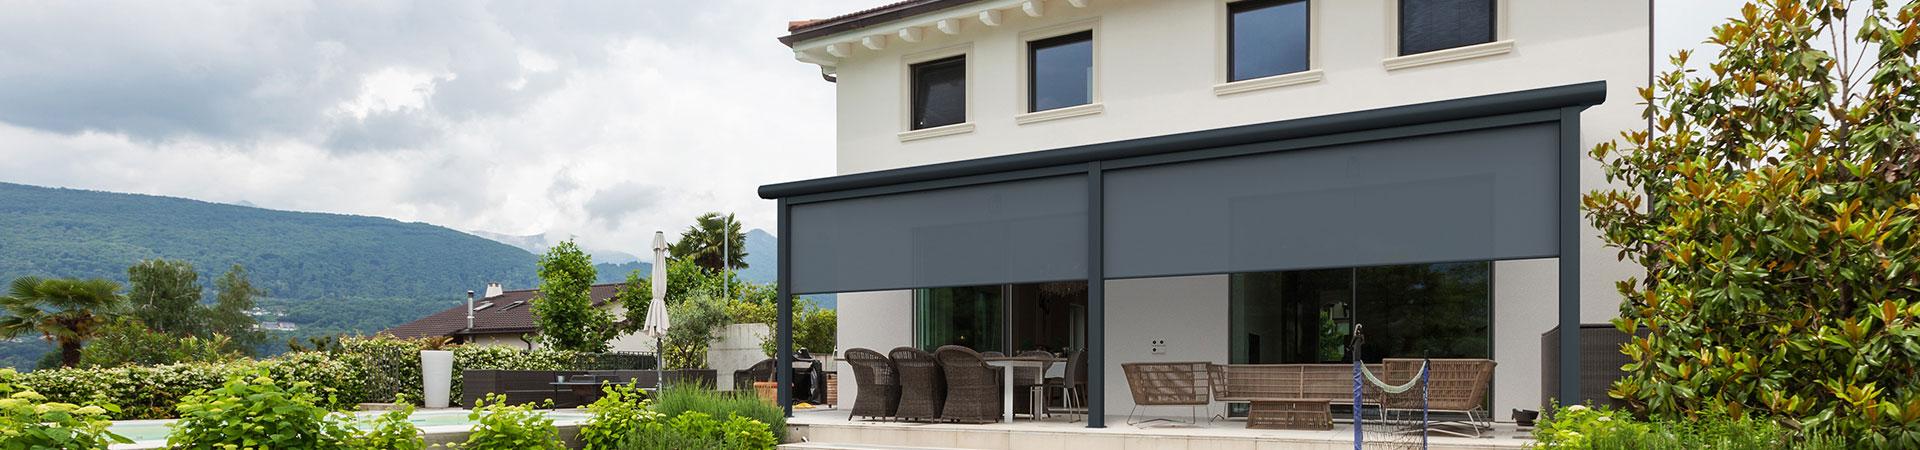 muss f r ein terrassendach eine baugenehmigung beantragt werden im ratgeber auf. Black Bedroom Furniture Sets. Home Design Ideas